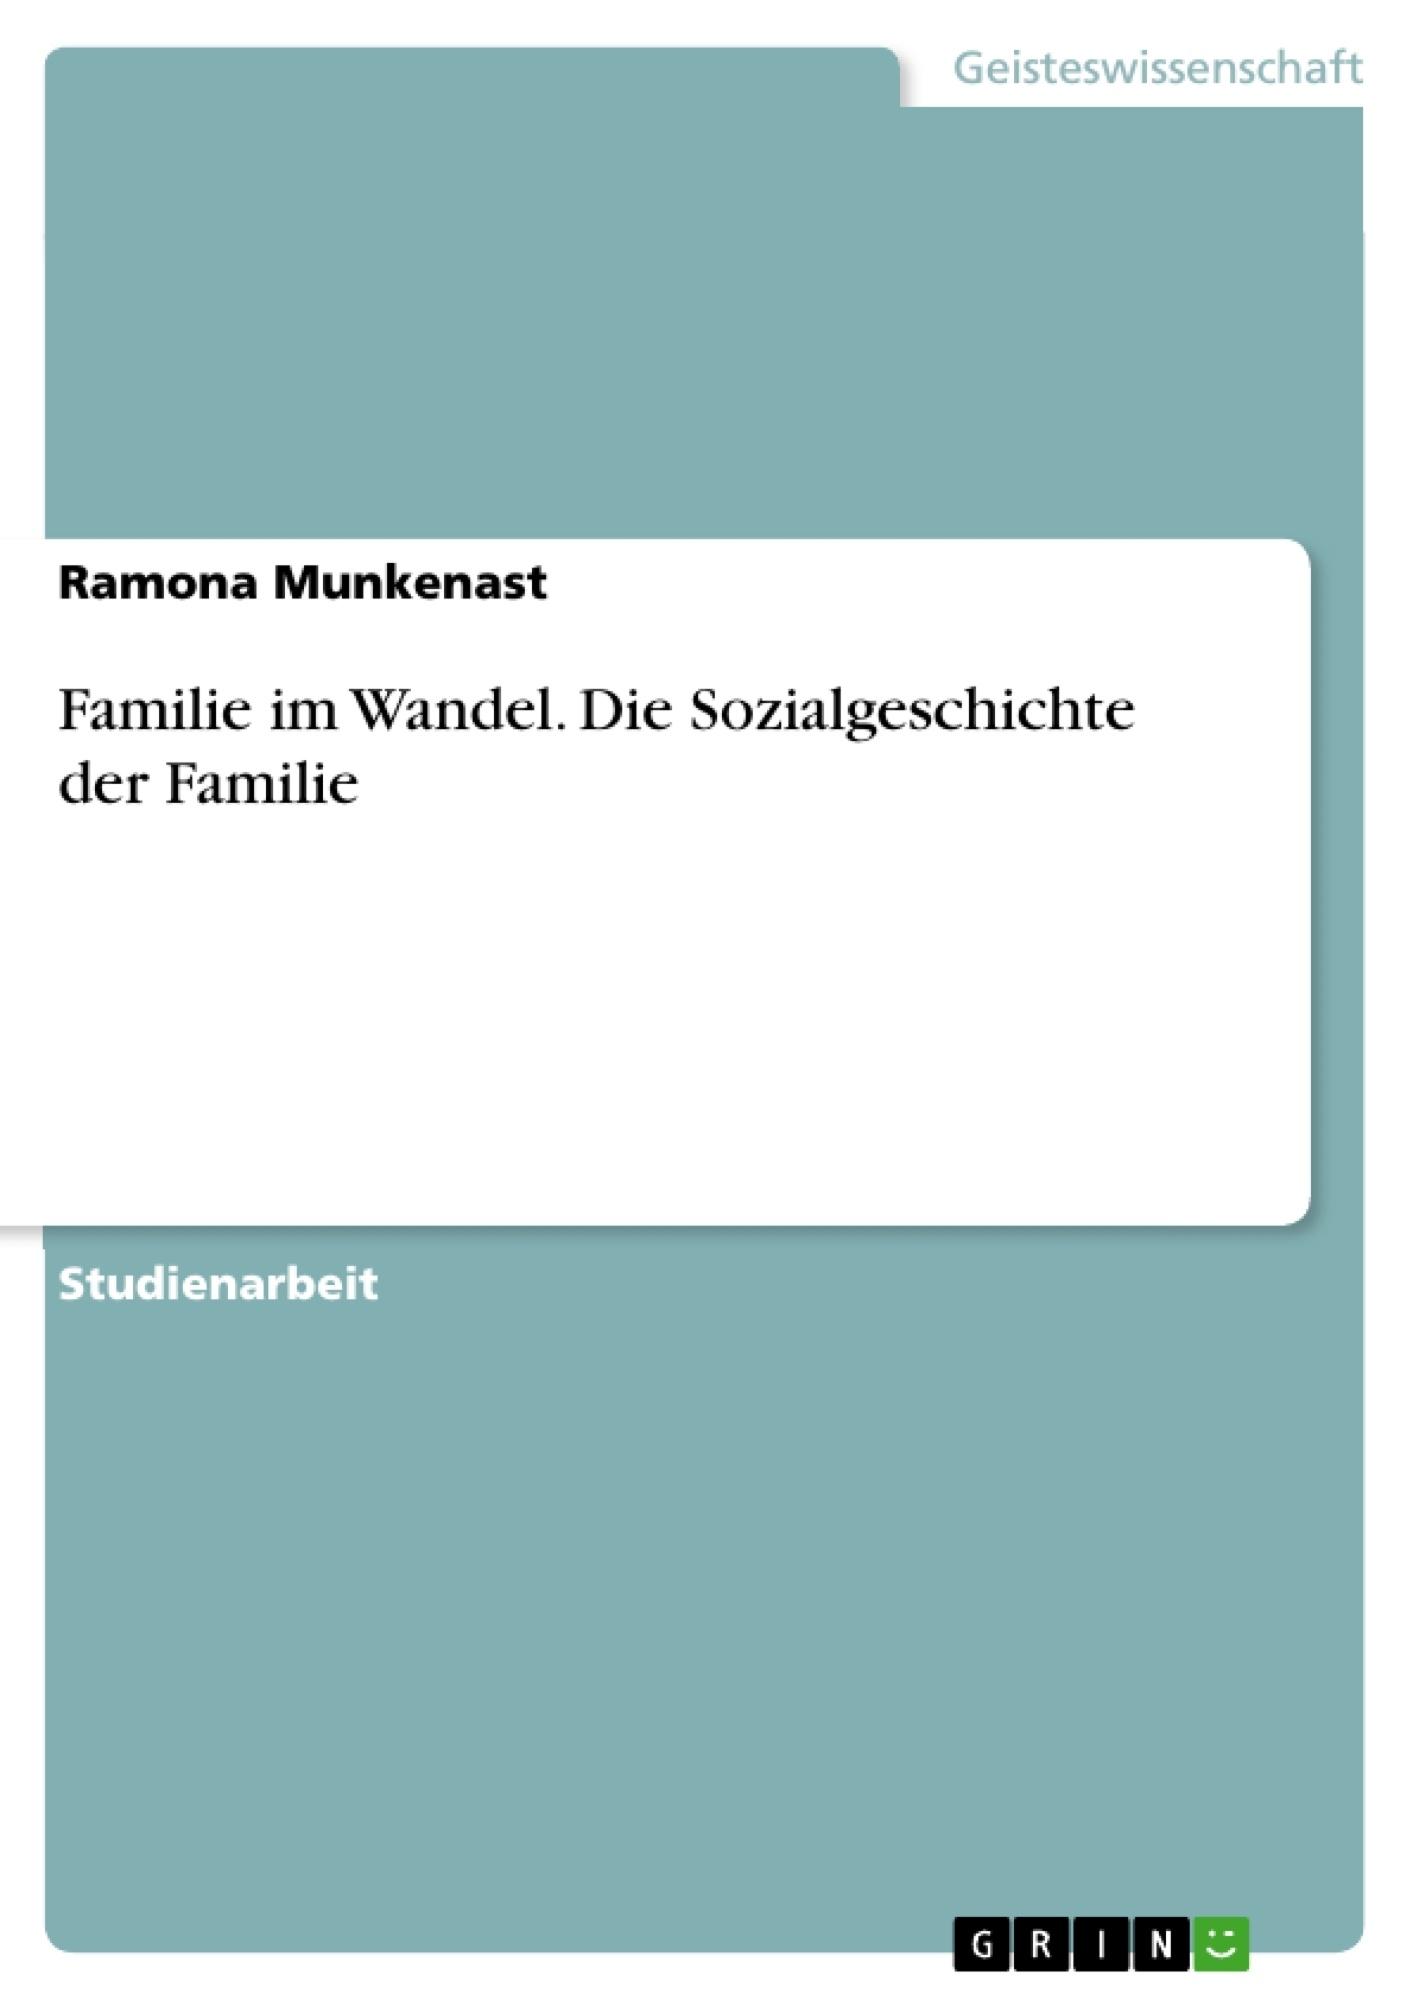 Titel: Familie im Wandel. Die Sozialgeschichte der Familie